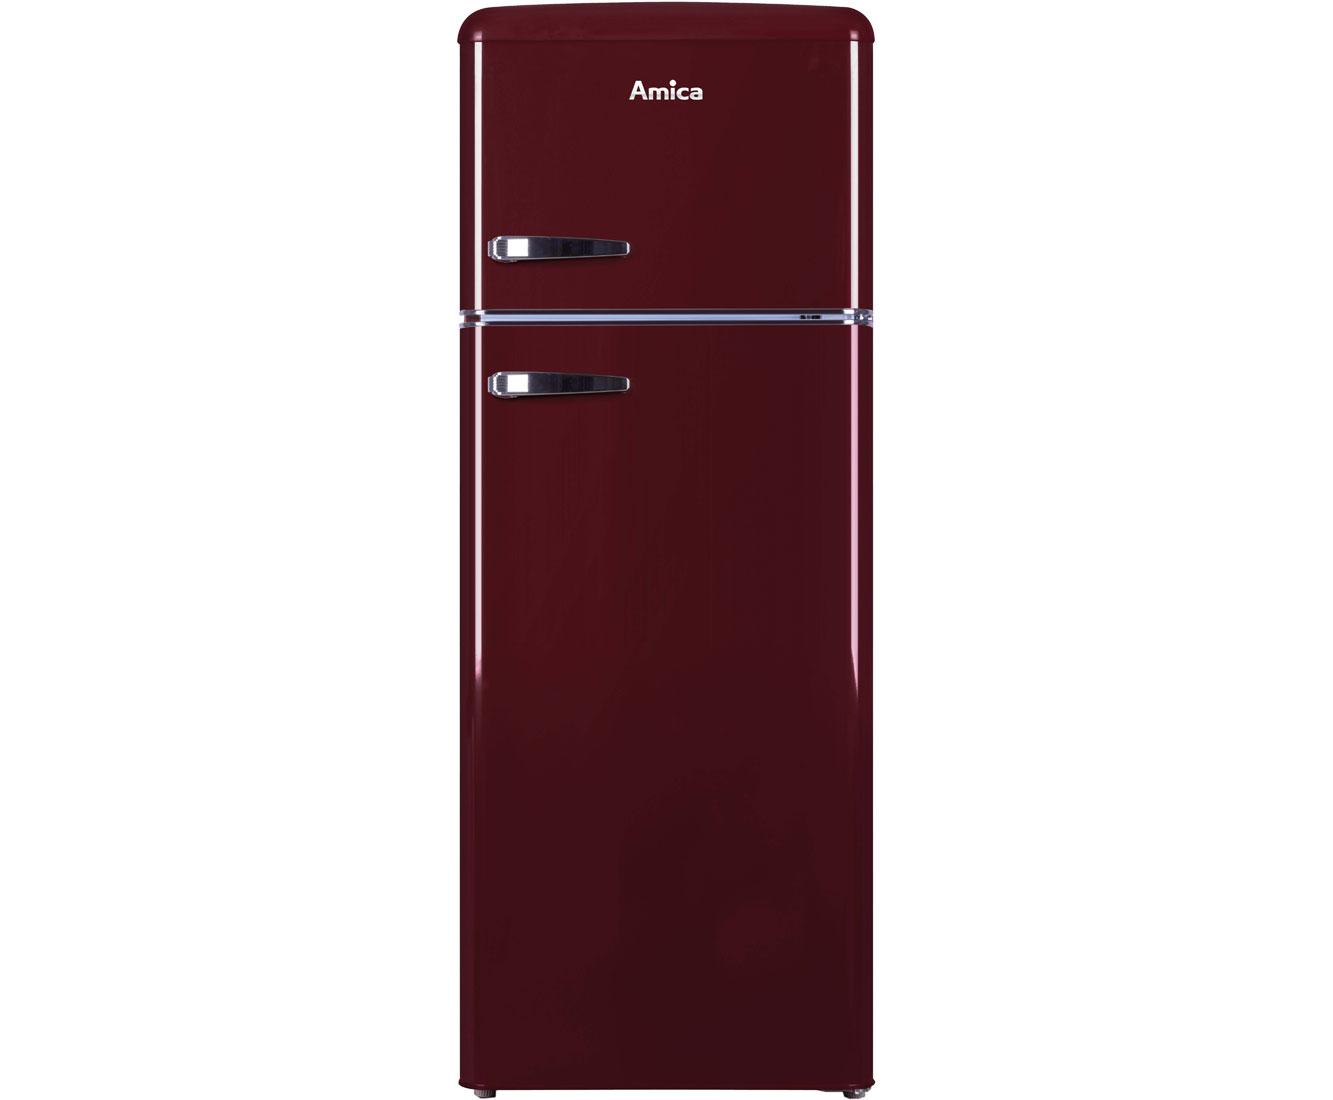 Retro Kühlschrank Idealo : Bauknecht kühl gefrierkombination preisvergleich u2022 die besten